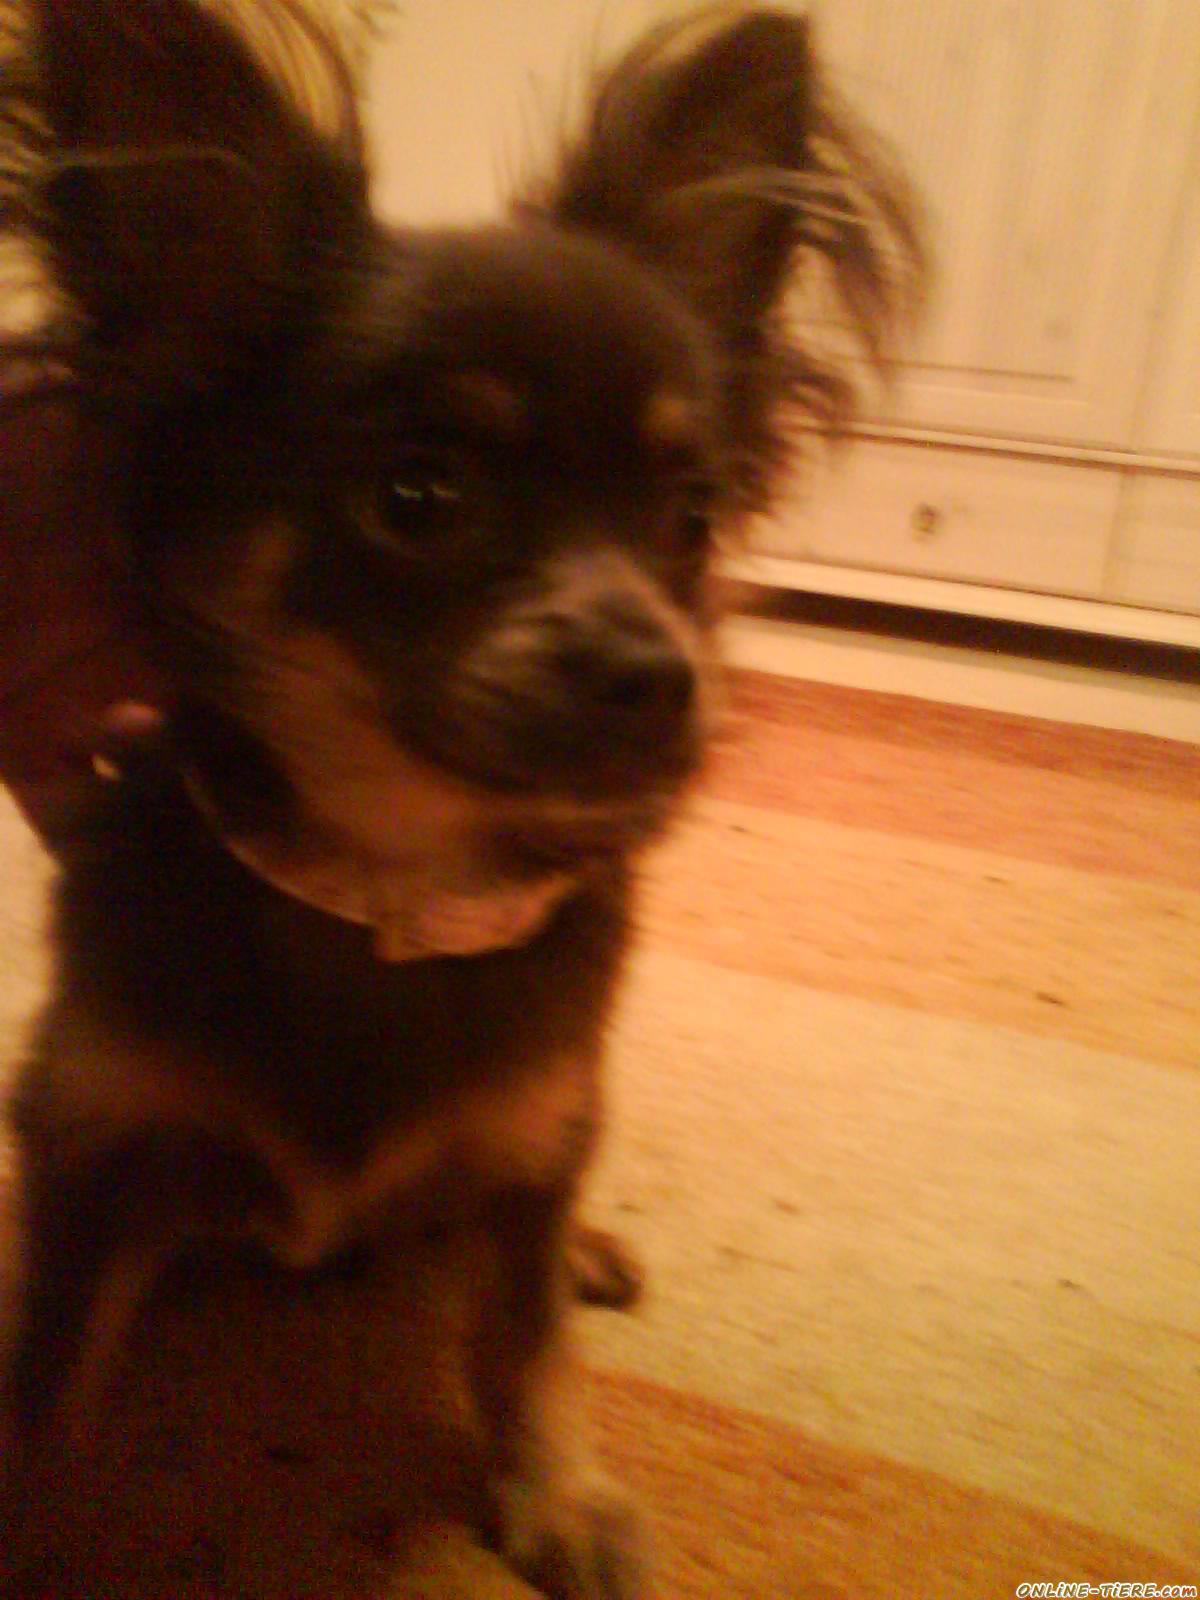 Obi Gartenmobel Ratan : Chihuahua Langhaar 70378 Stuttgart Hunde zu verkaufen 8803